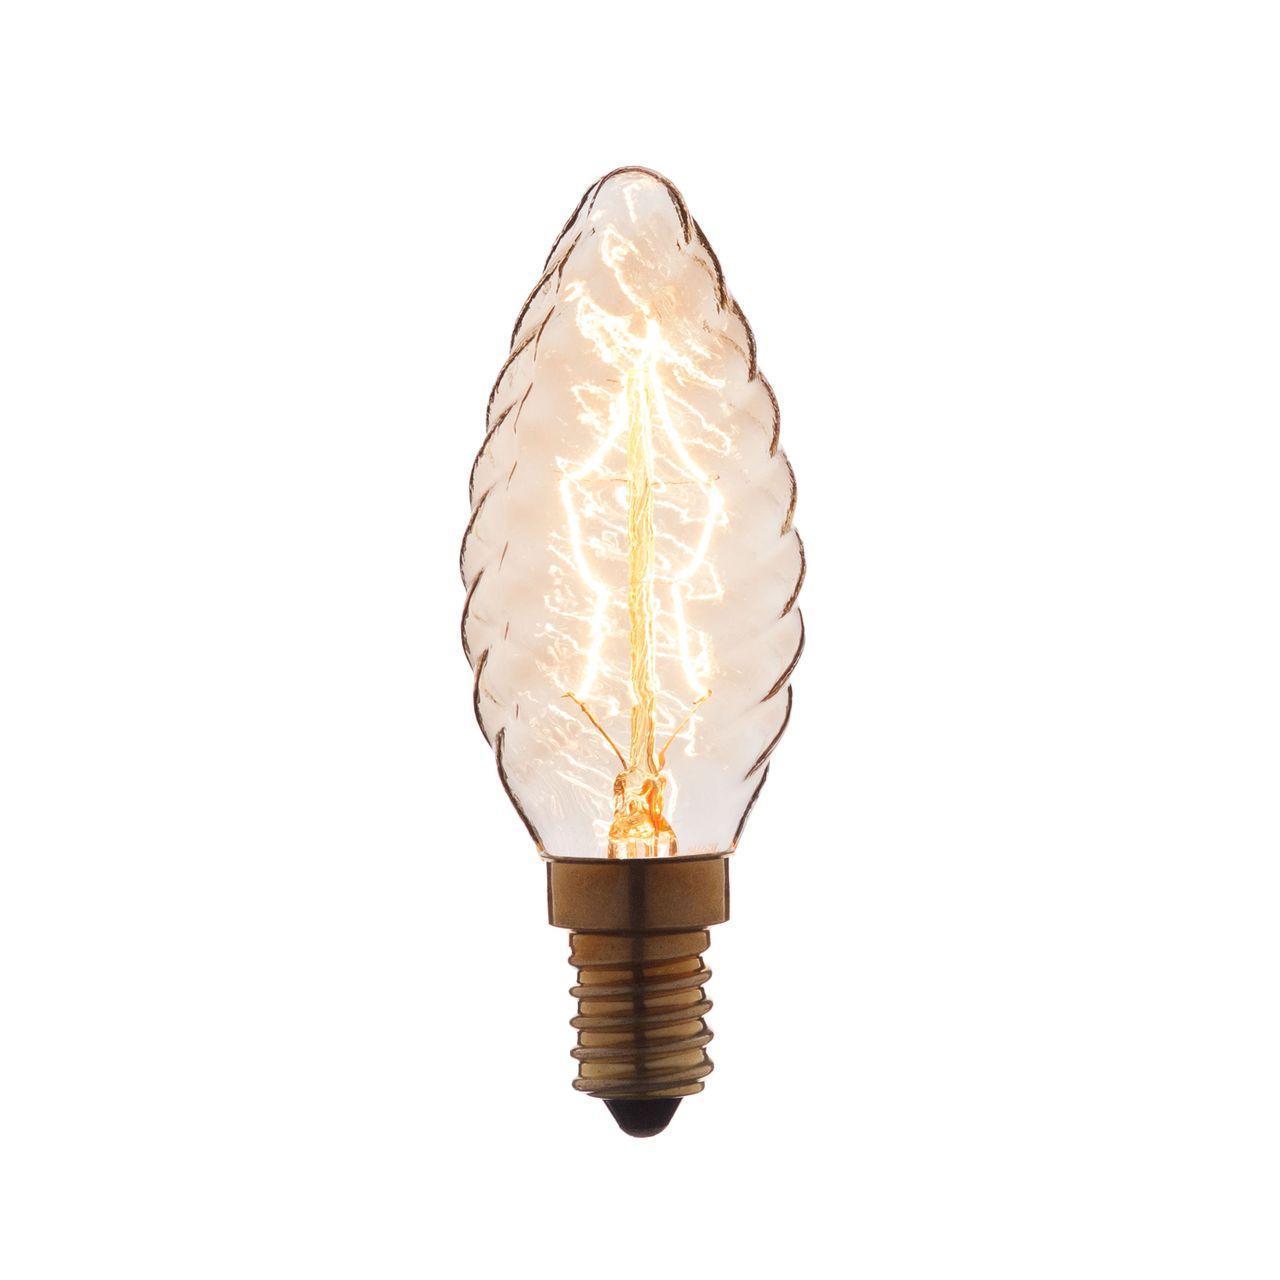 Лампа накаливания E14 40W прозрачная 3540-LT декоративная лампа накаливания loft it 3540 lt